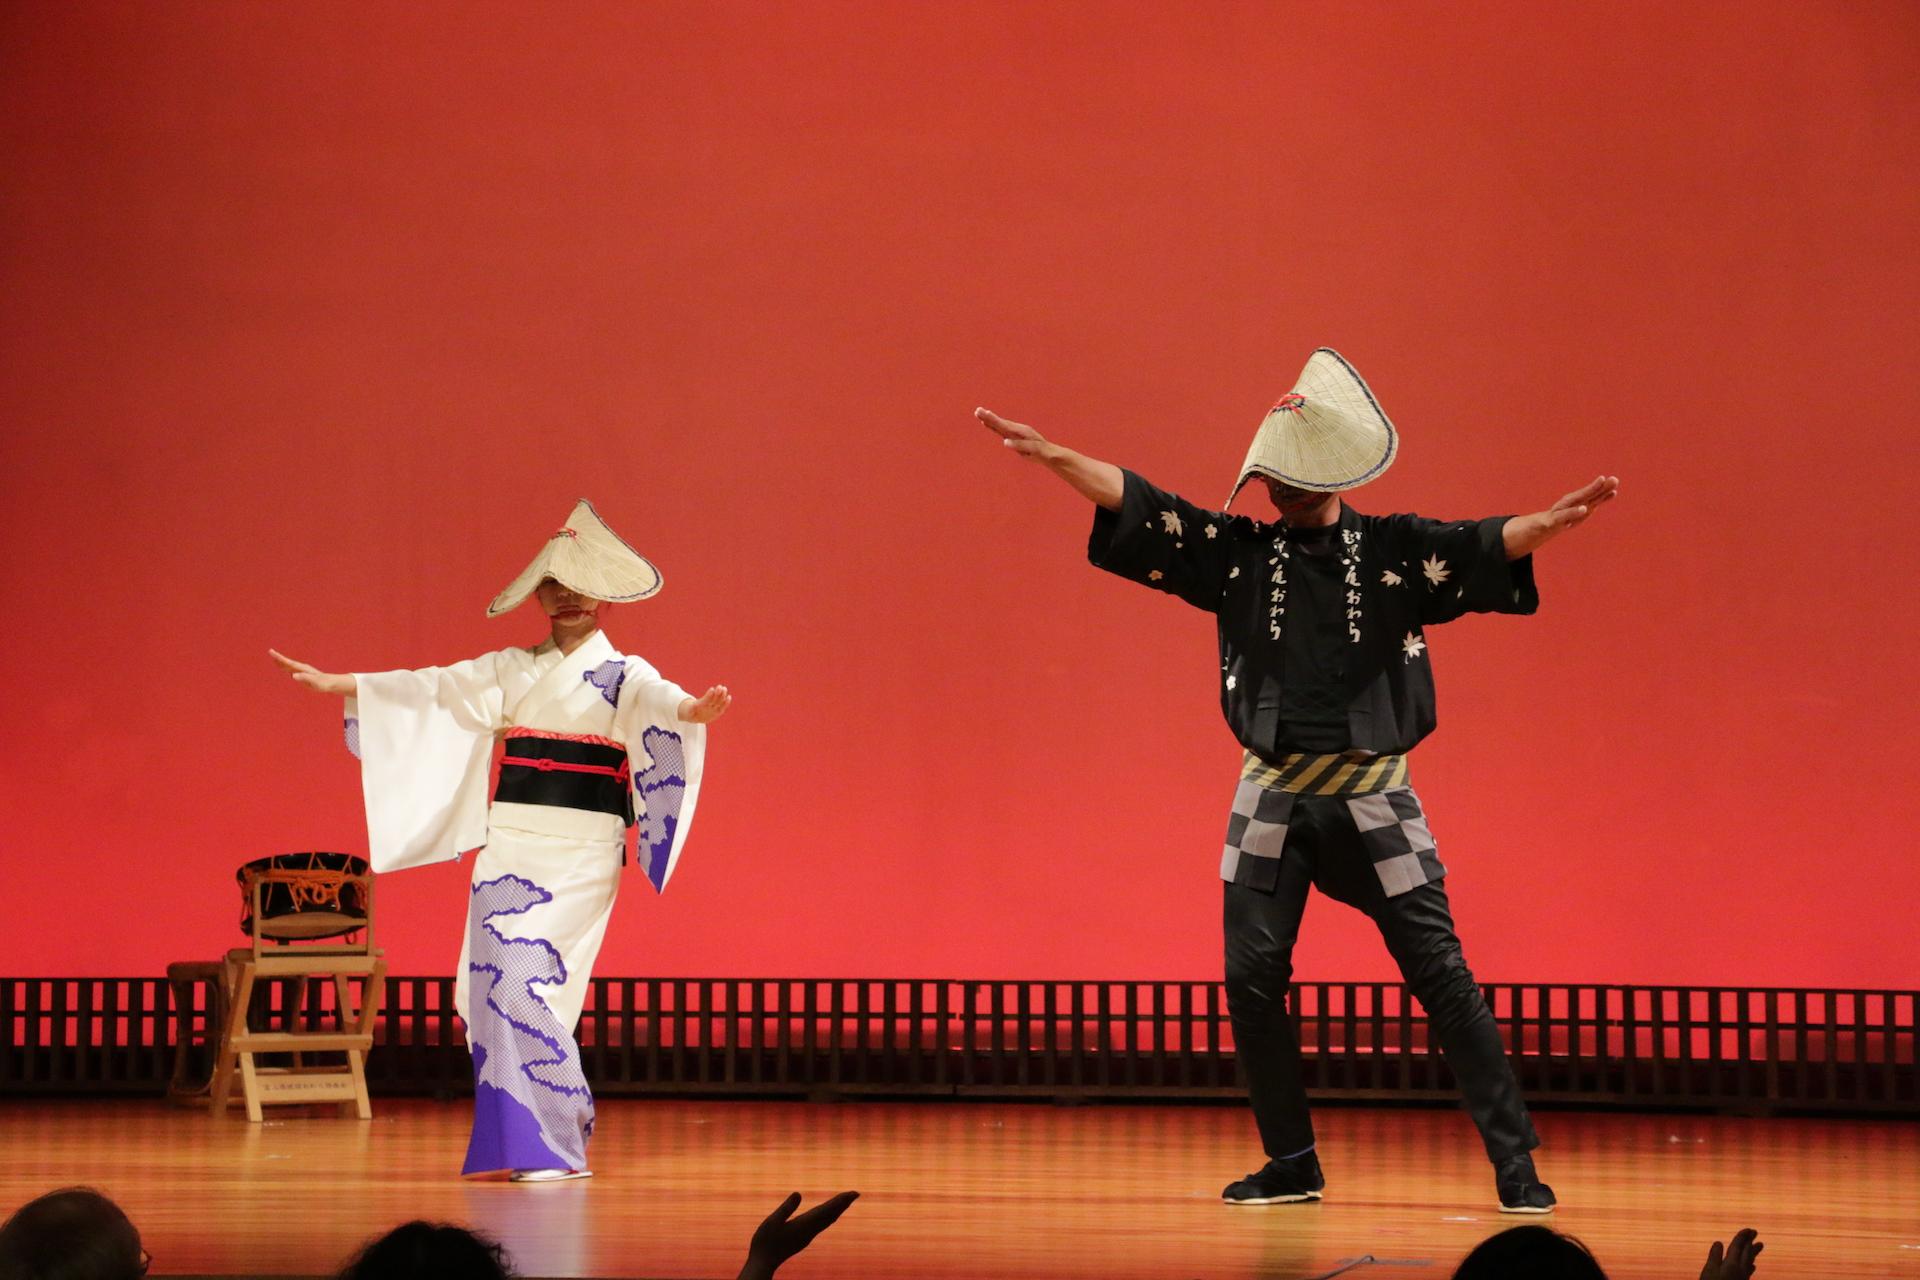 基本の踊りを解説中。男女で踊り方が少しずつ異なります